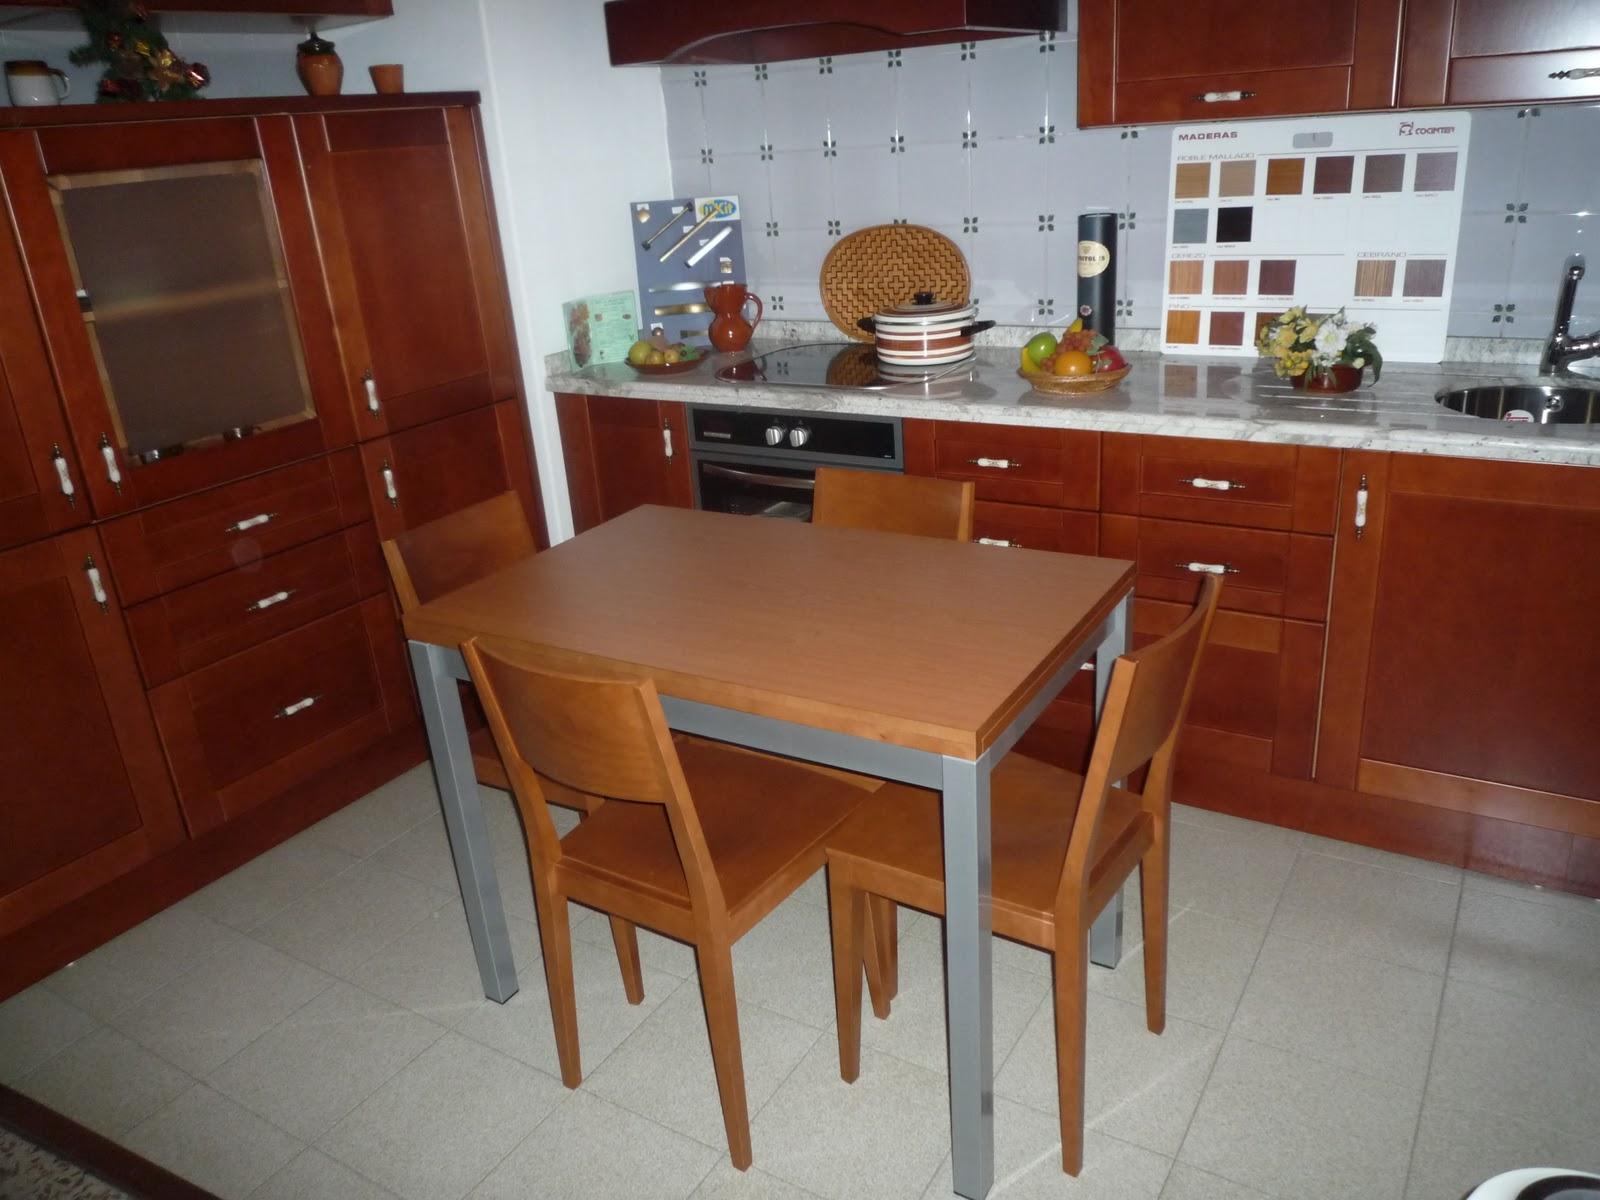 Los mejores muebles de cocina! ¡El Almirez!: Mesa de madera